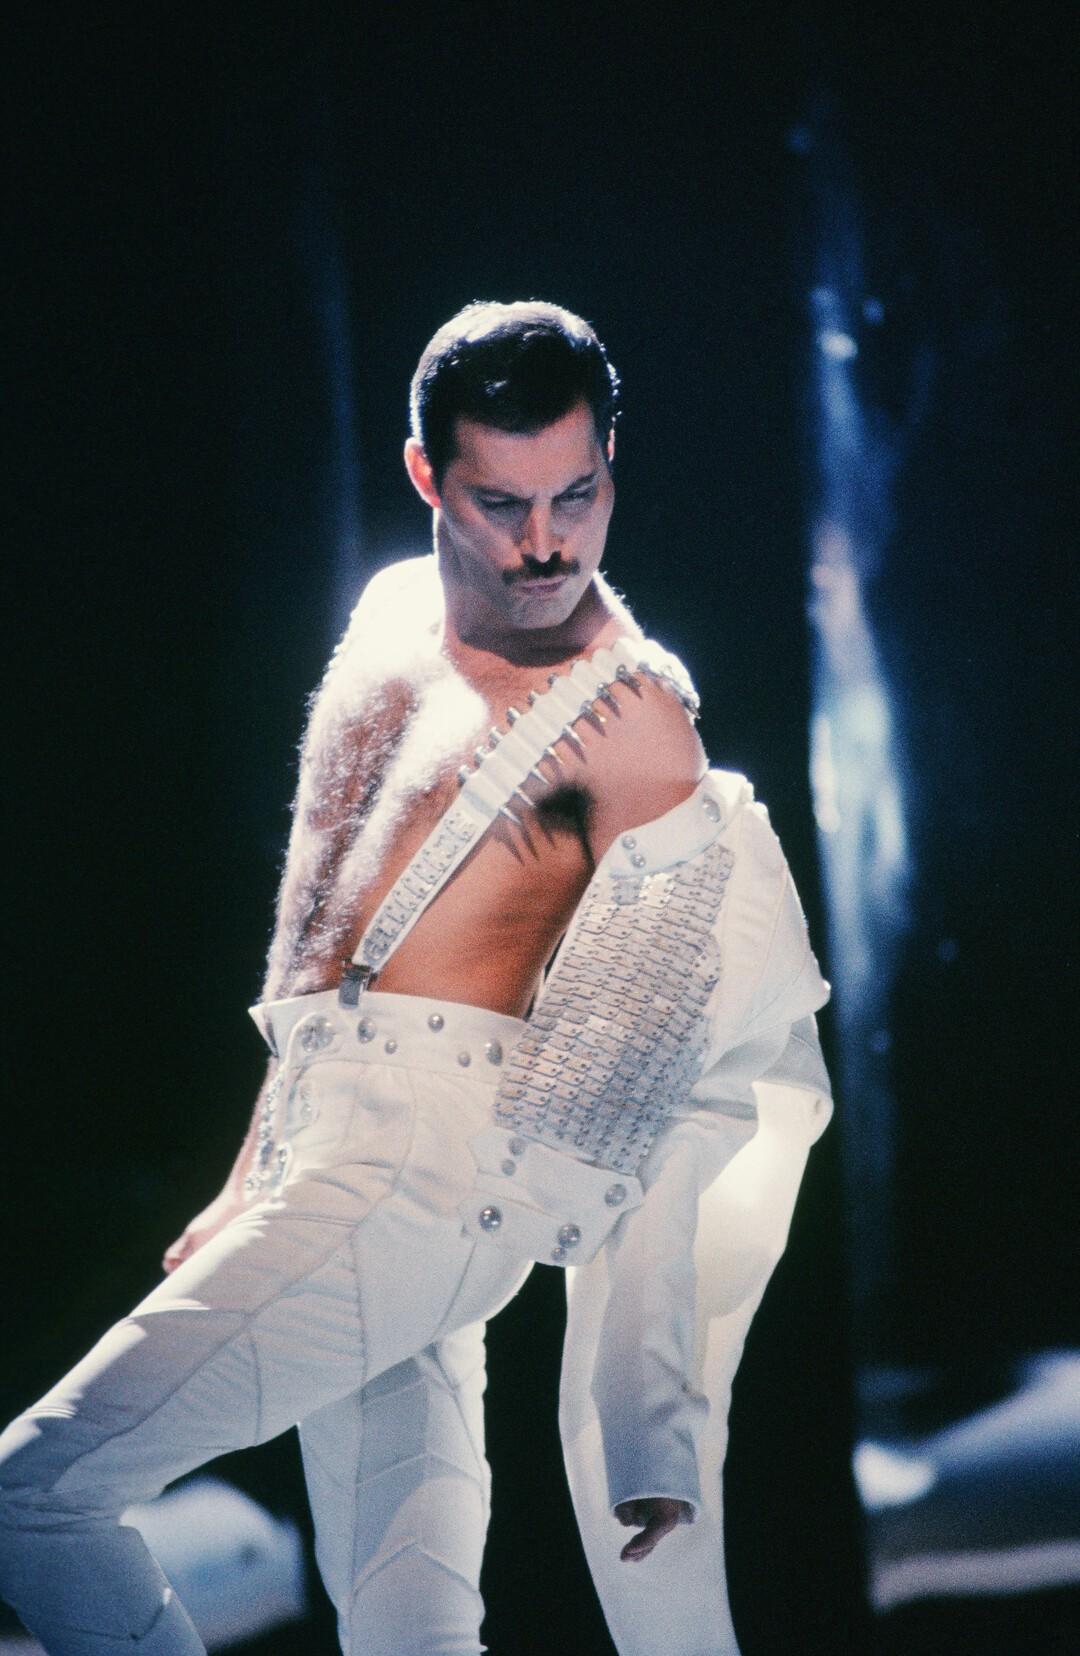 Freddie Mercury: Plattenfirma zeigt bisher unveröffentlichten Unplugged-Auftritt - Bild 2 von 3